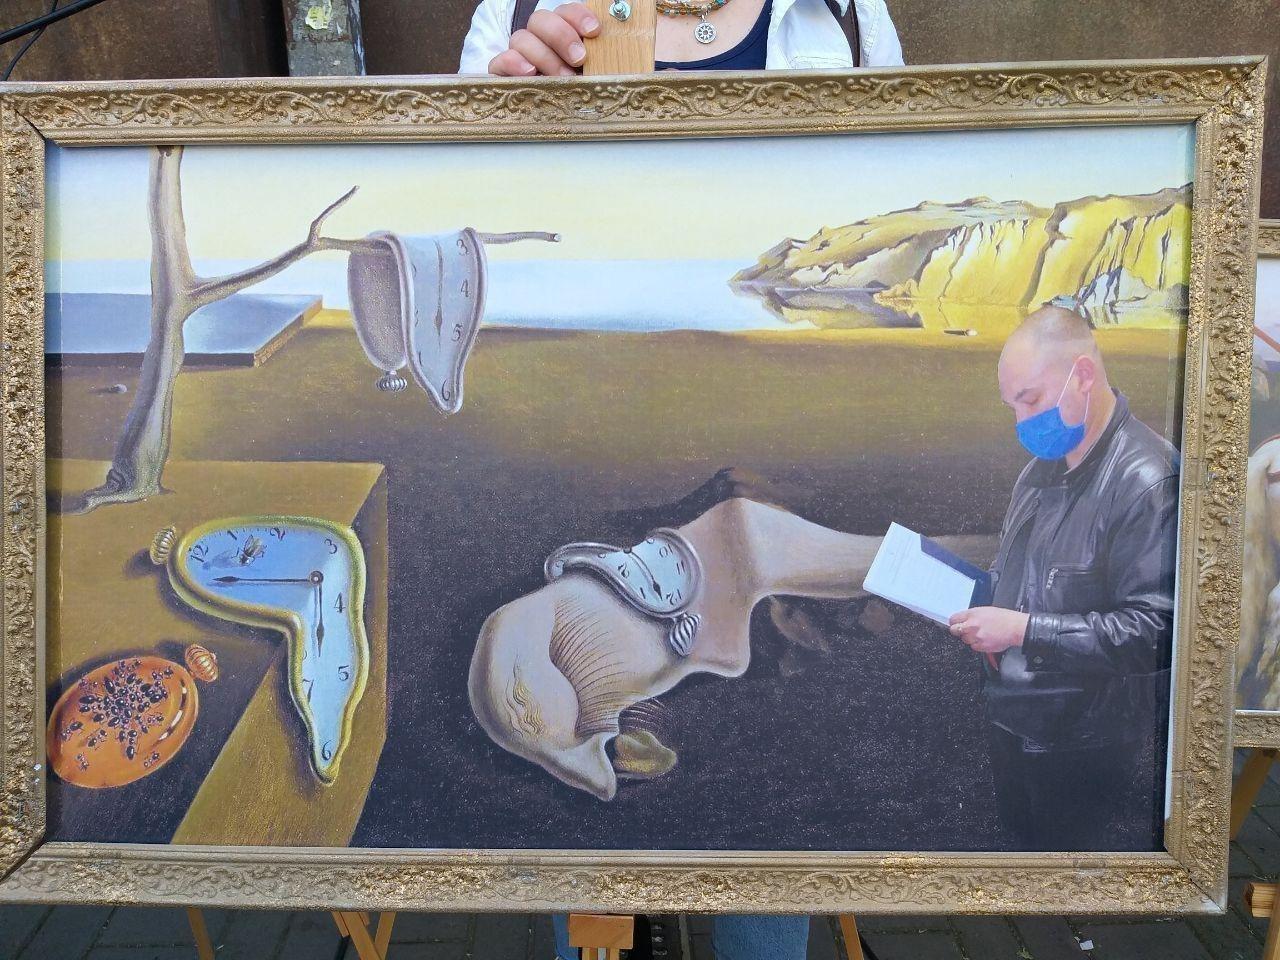 Под ГБР устроили акцию в поддержку Порошенко: власть потролили точными карикатурами